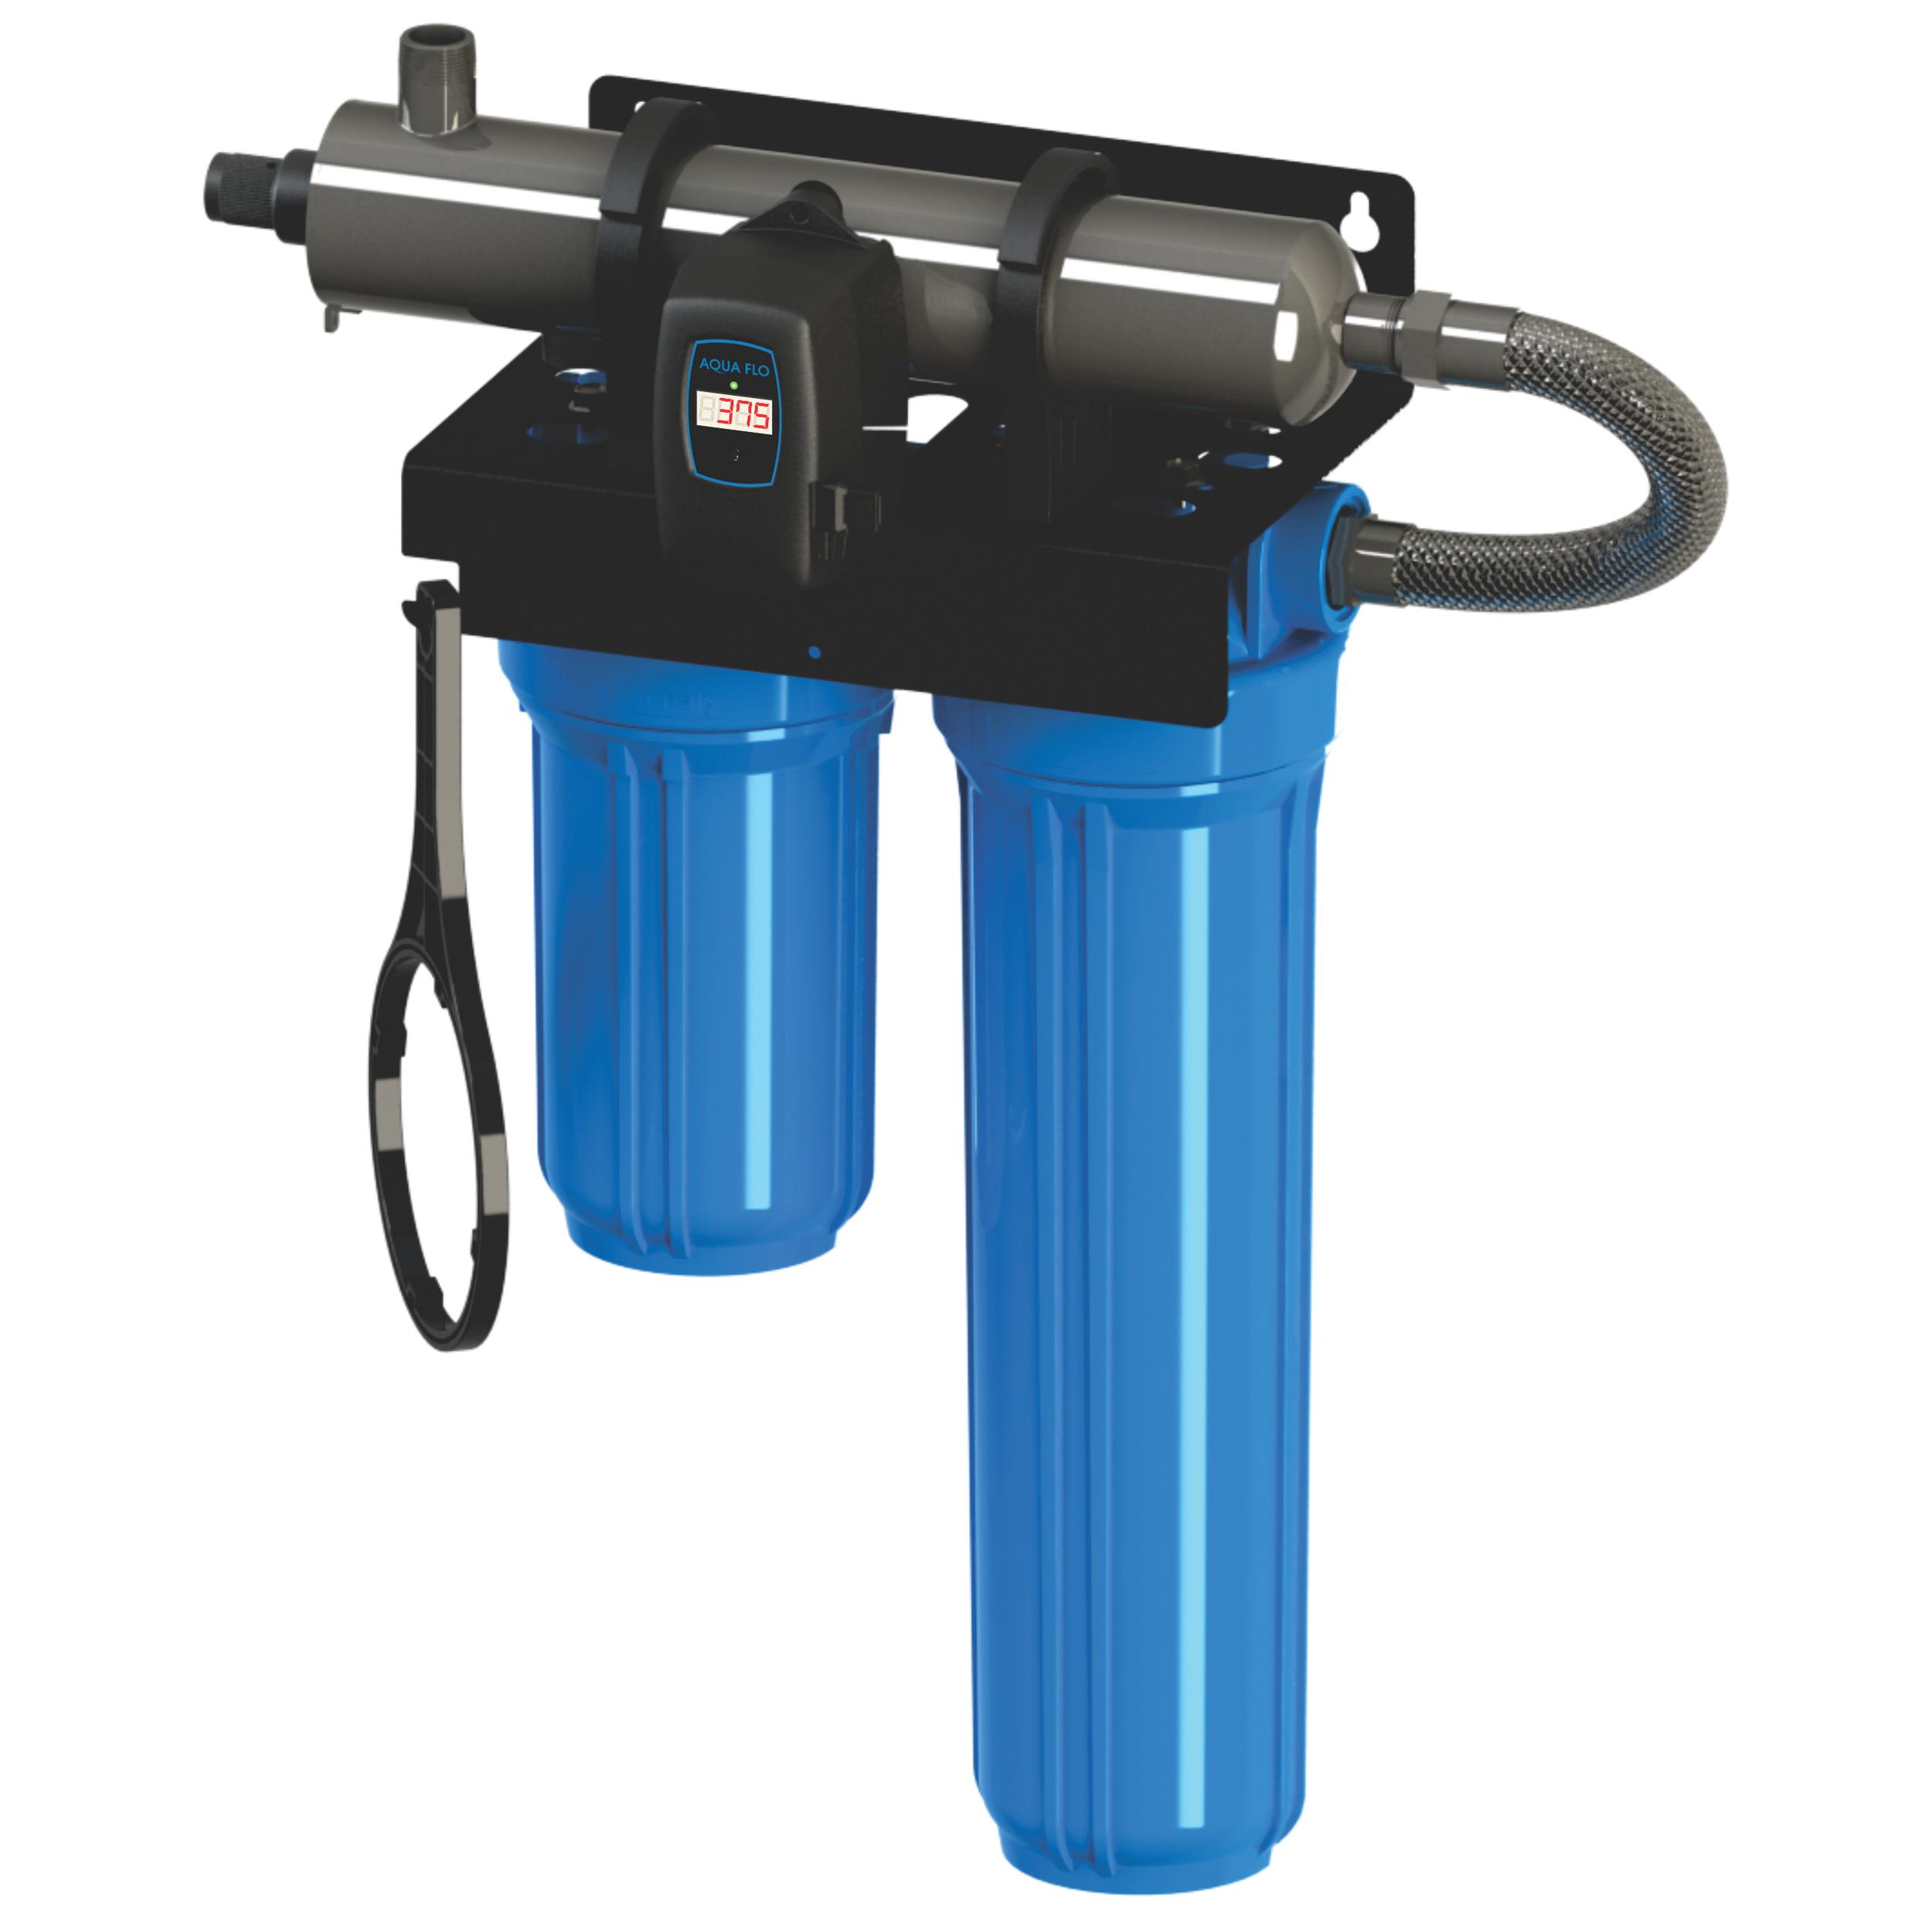 Gen4-8R12 Filter Rack System